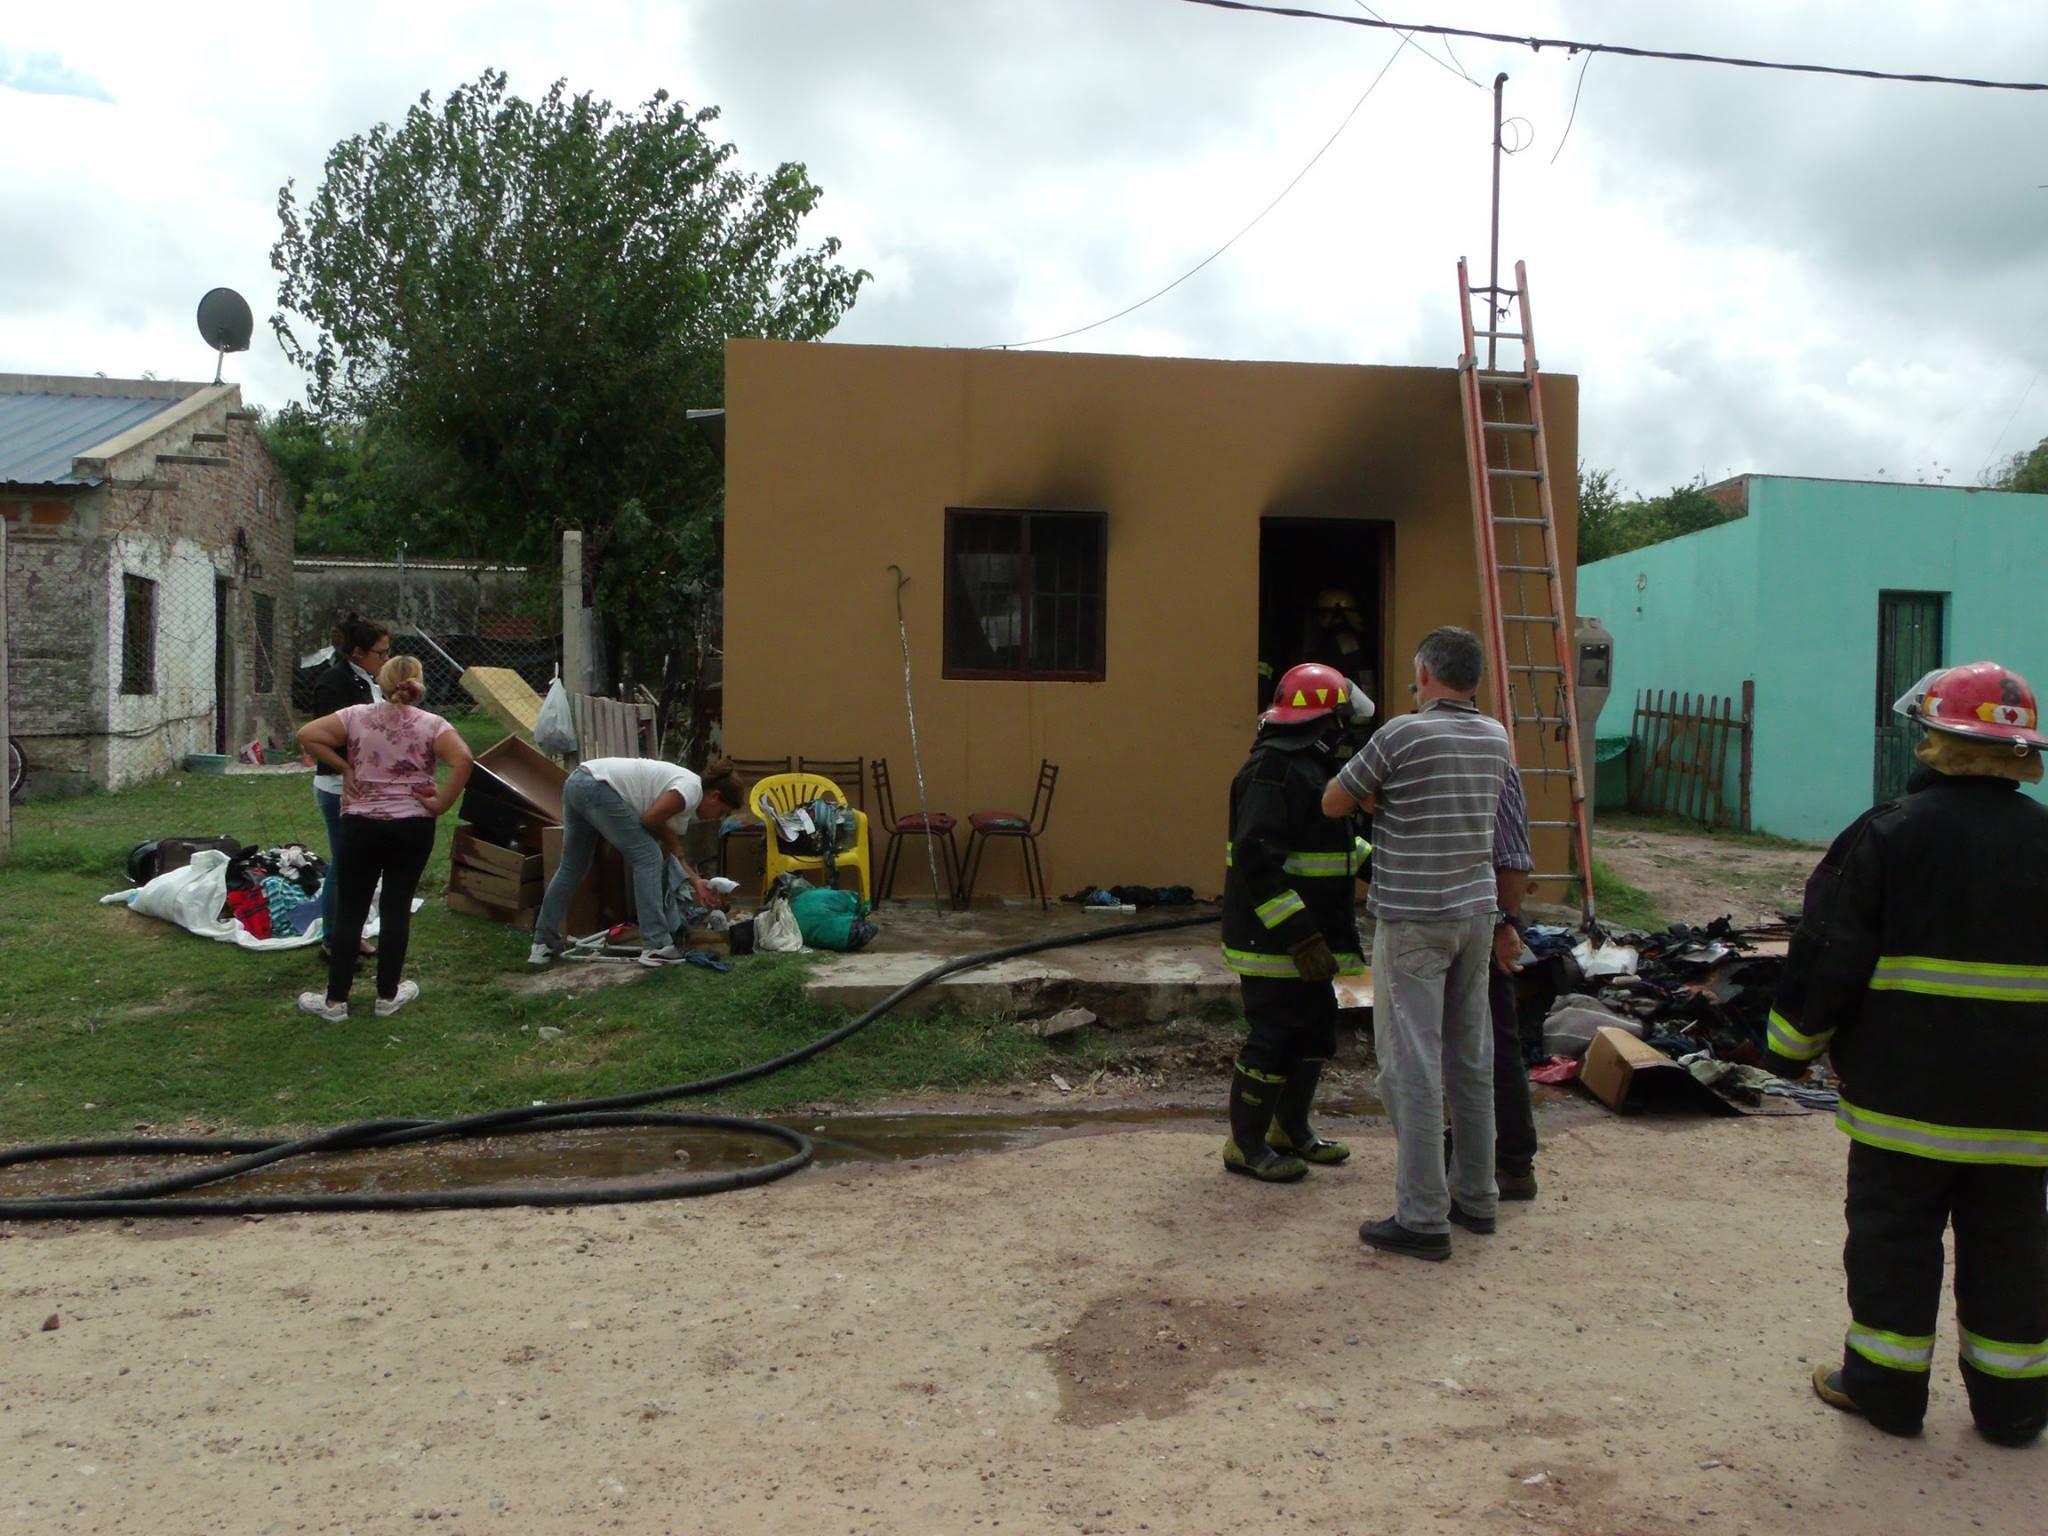 Así quedó la casa de la hija de la anciana que vieron envuelta en llamas y no sufrió heridas. Foto Gentileza/ http://www.mundoinformativo.com.ar.